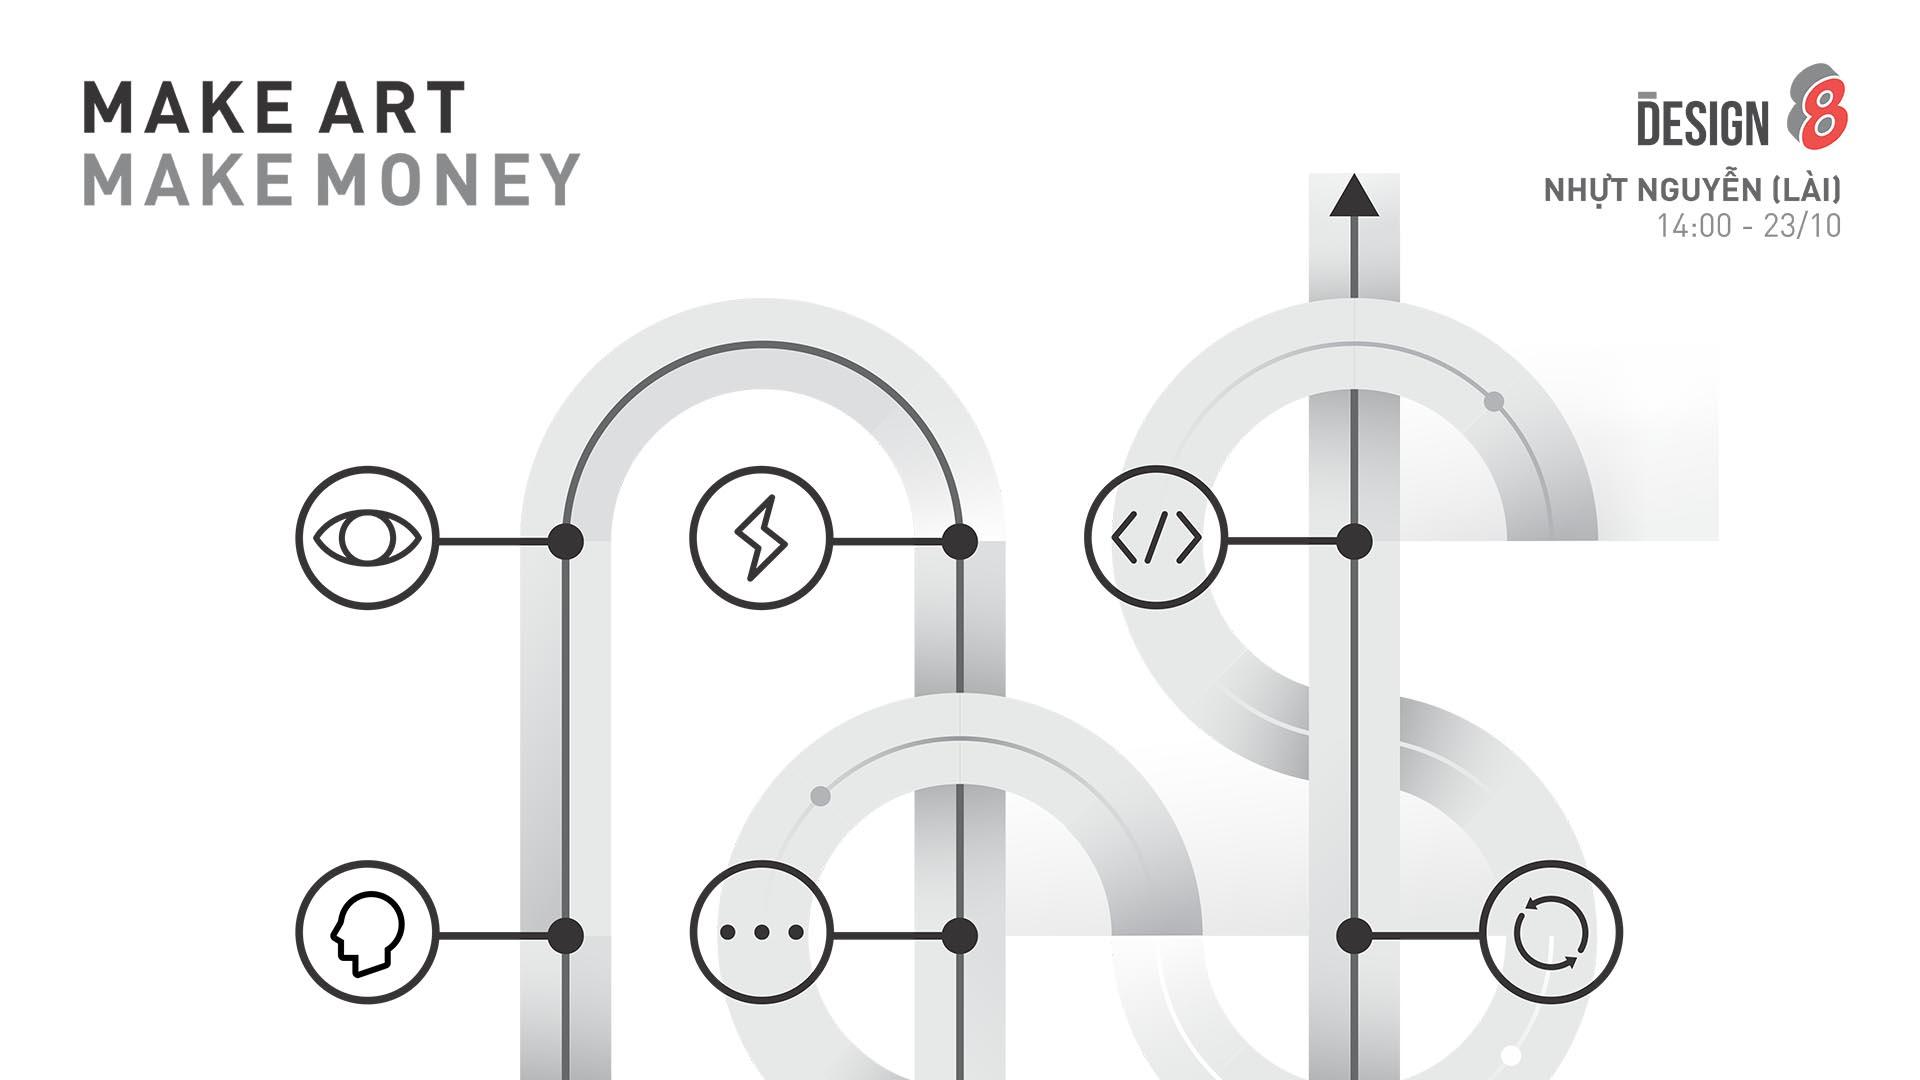 <h1>DESIGN8 #07</h1><p>Đã bao giờ bạn tự hỏi làm nghệ thuật có nên nghĩ tới thương mại, làm sao dung hòa các yếu tố để có thể MAKE ART MAKE MONEY? </p>